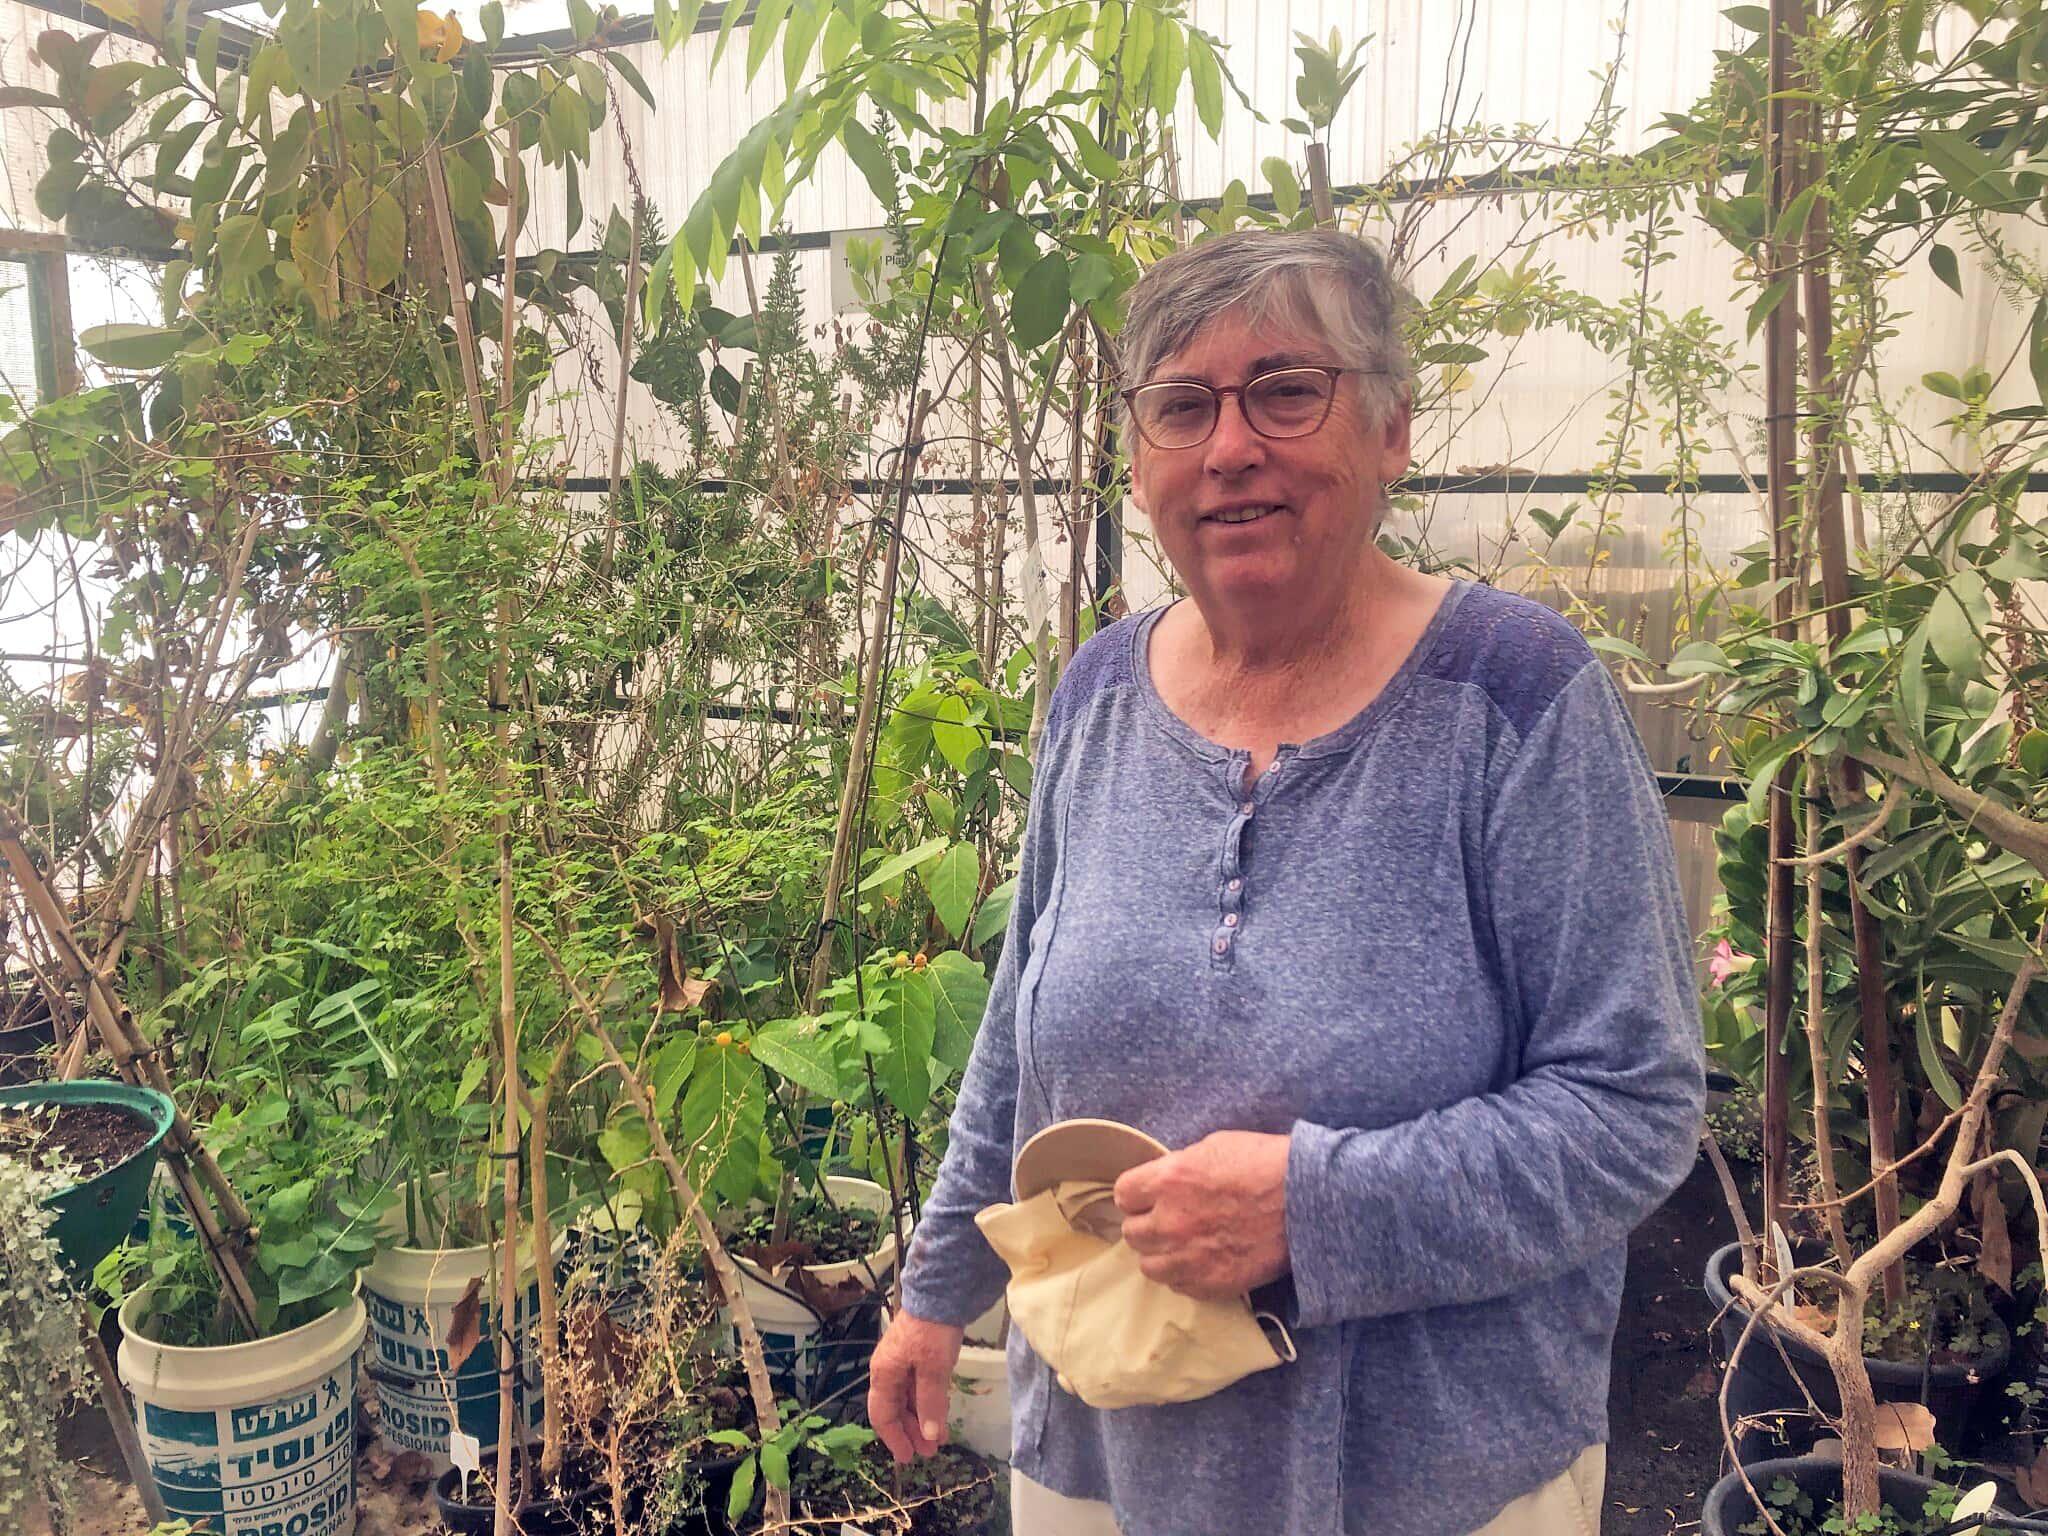 """ד""""ר איליין סולווי בחממה שלה בקיבוץ קטורה, מרץ 2021 (צילום: סו סורקיס)"""